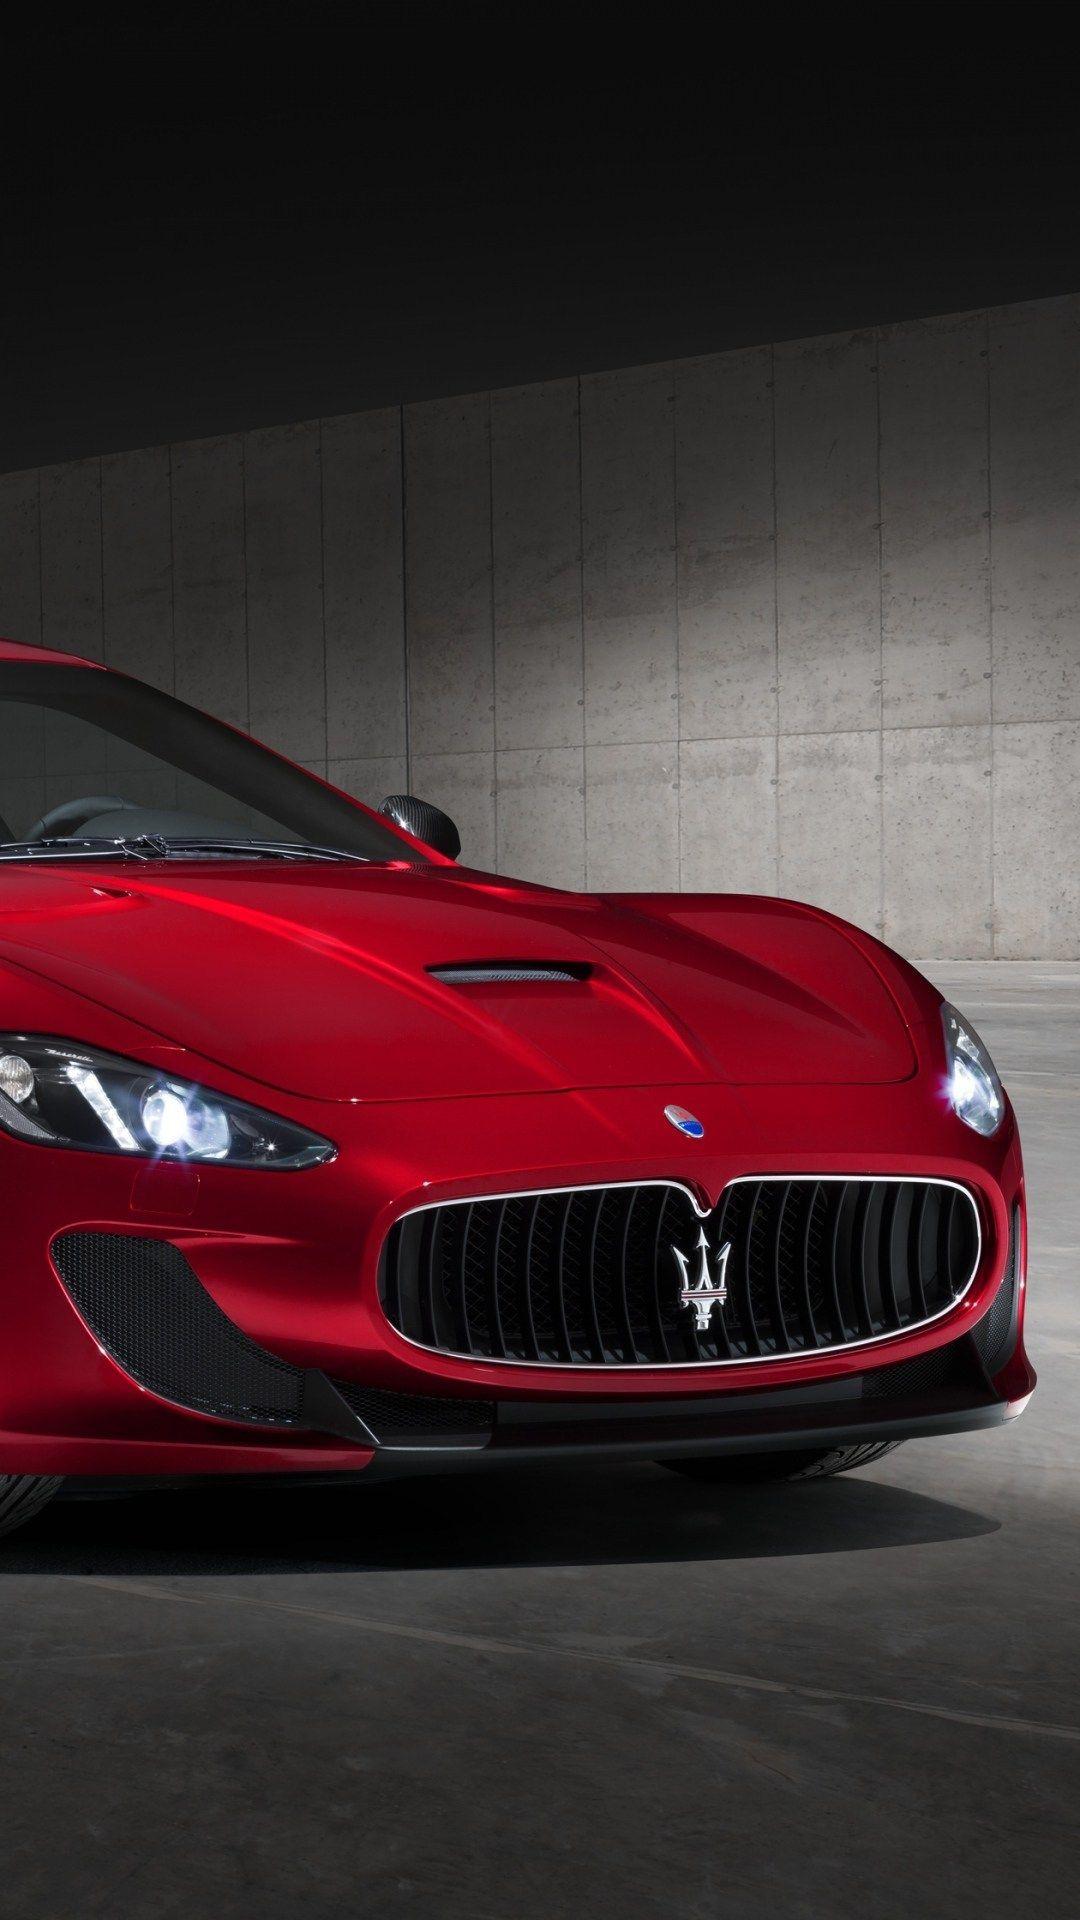 Maserati Granturismo Mc Maserati Granturismo Maserati Car Wallpapers